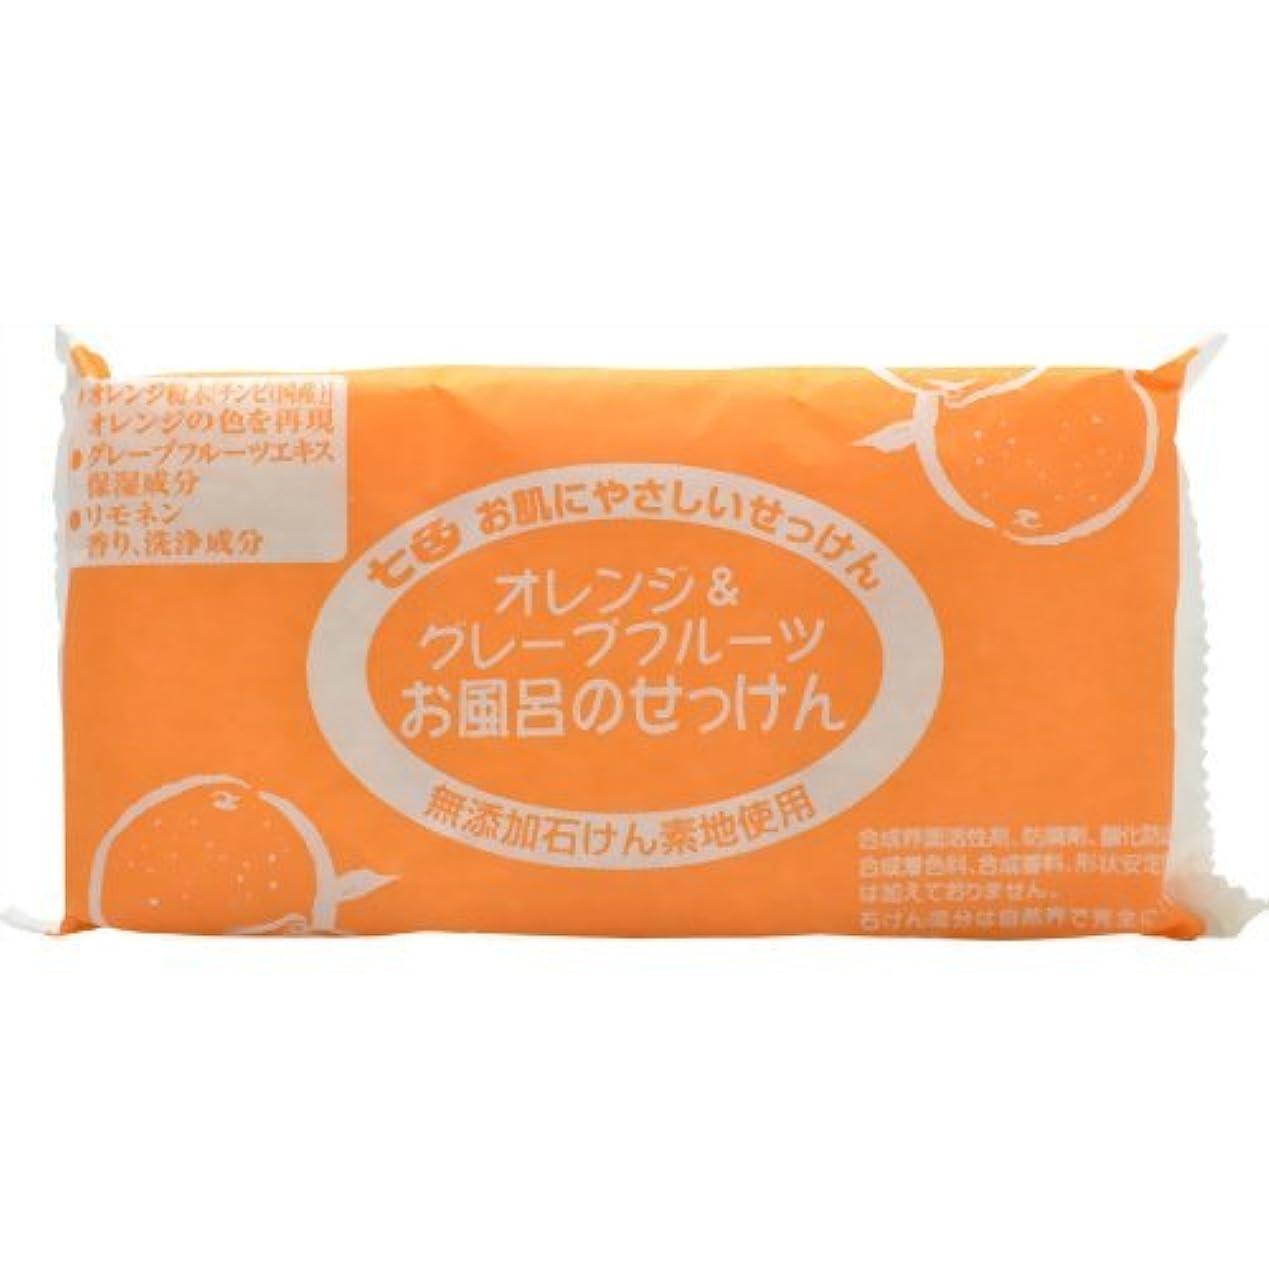 キャリア事実共和国まるは オレンジ&グレープフルーツ お風呂の石鹸 3個入り